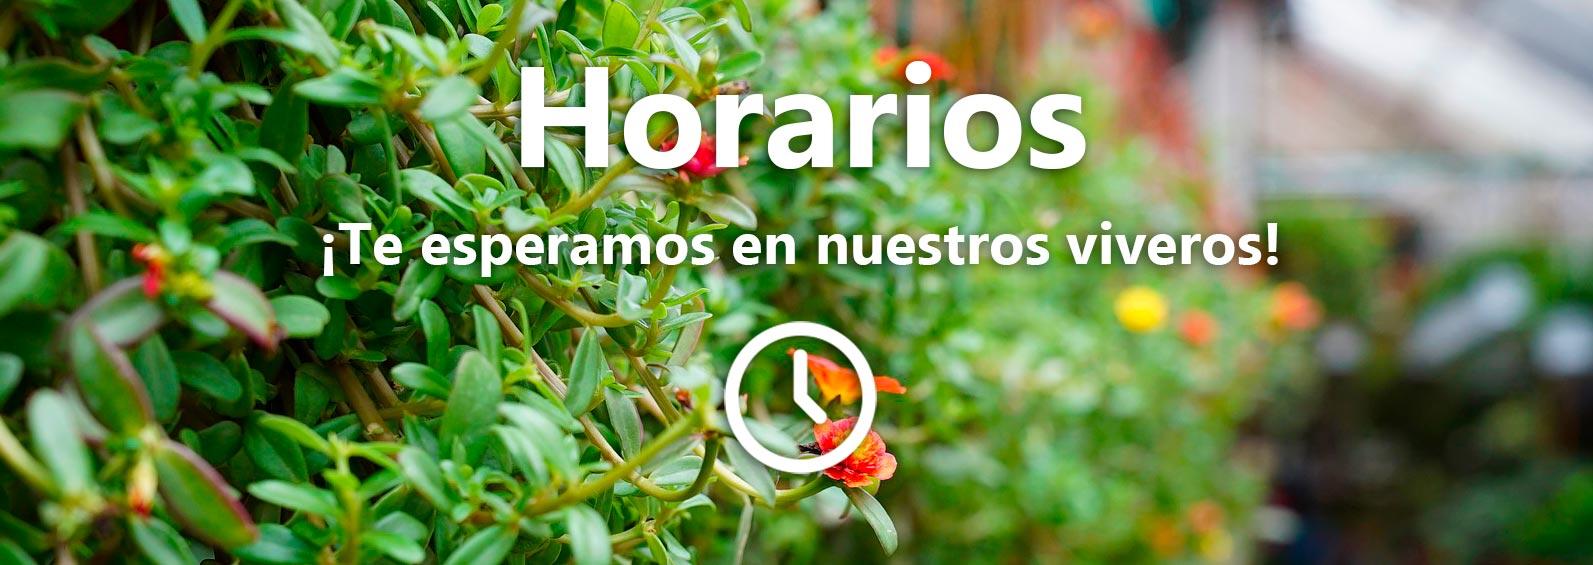 Horario Vivero Luis Moreno